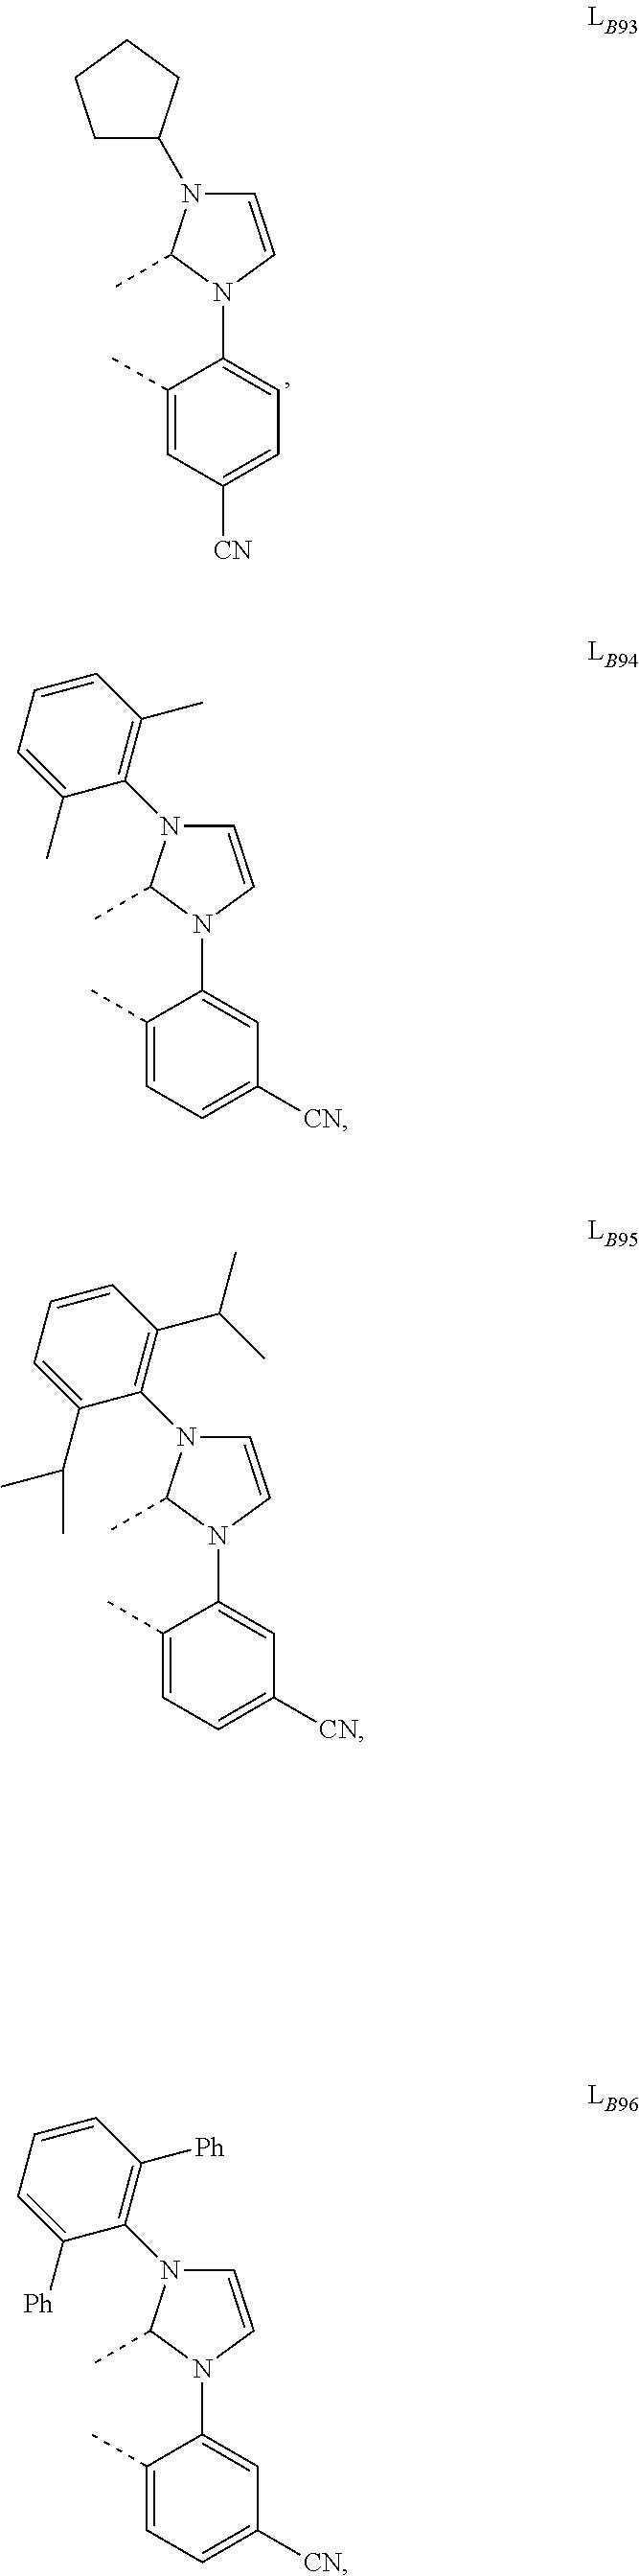 Figure US09905785-20180227-C00124